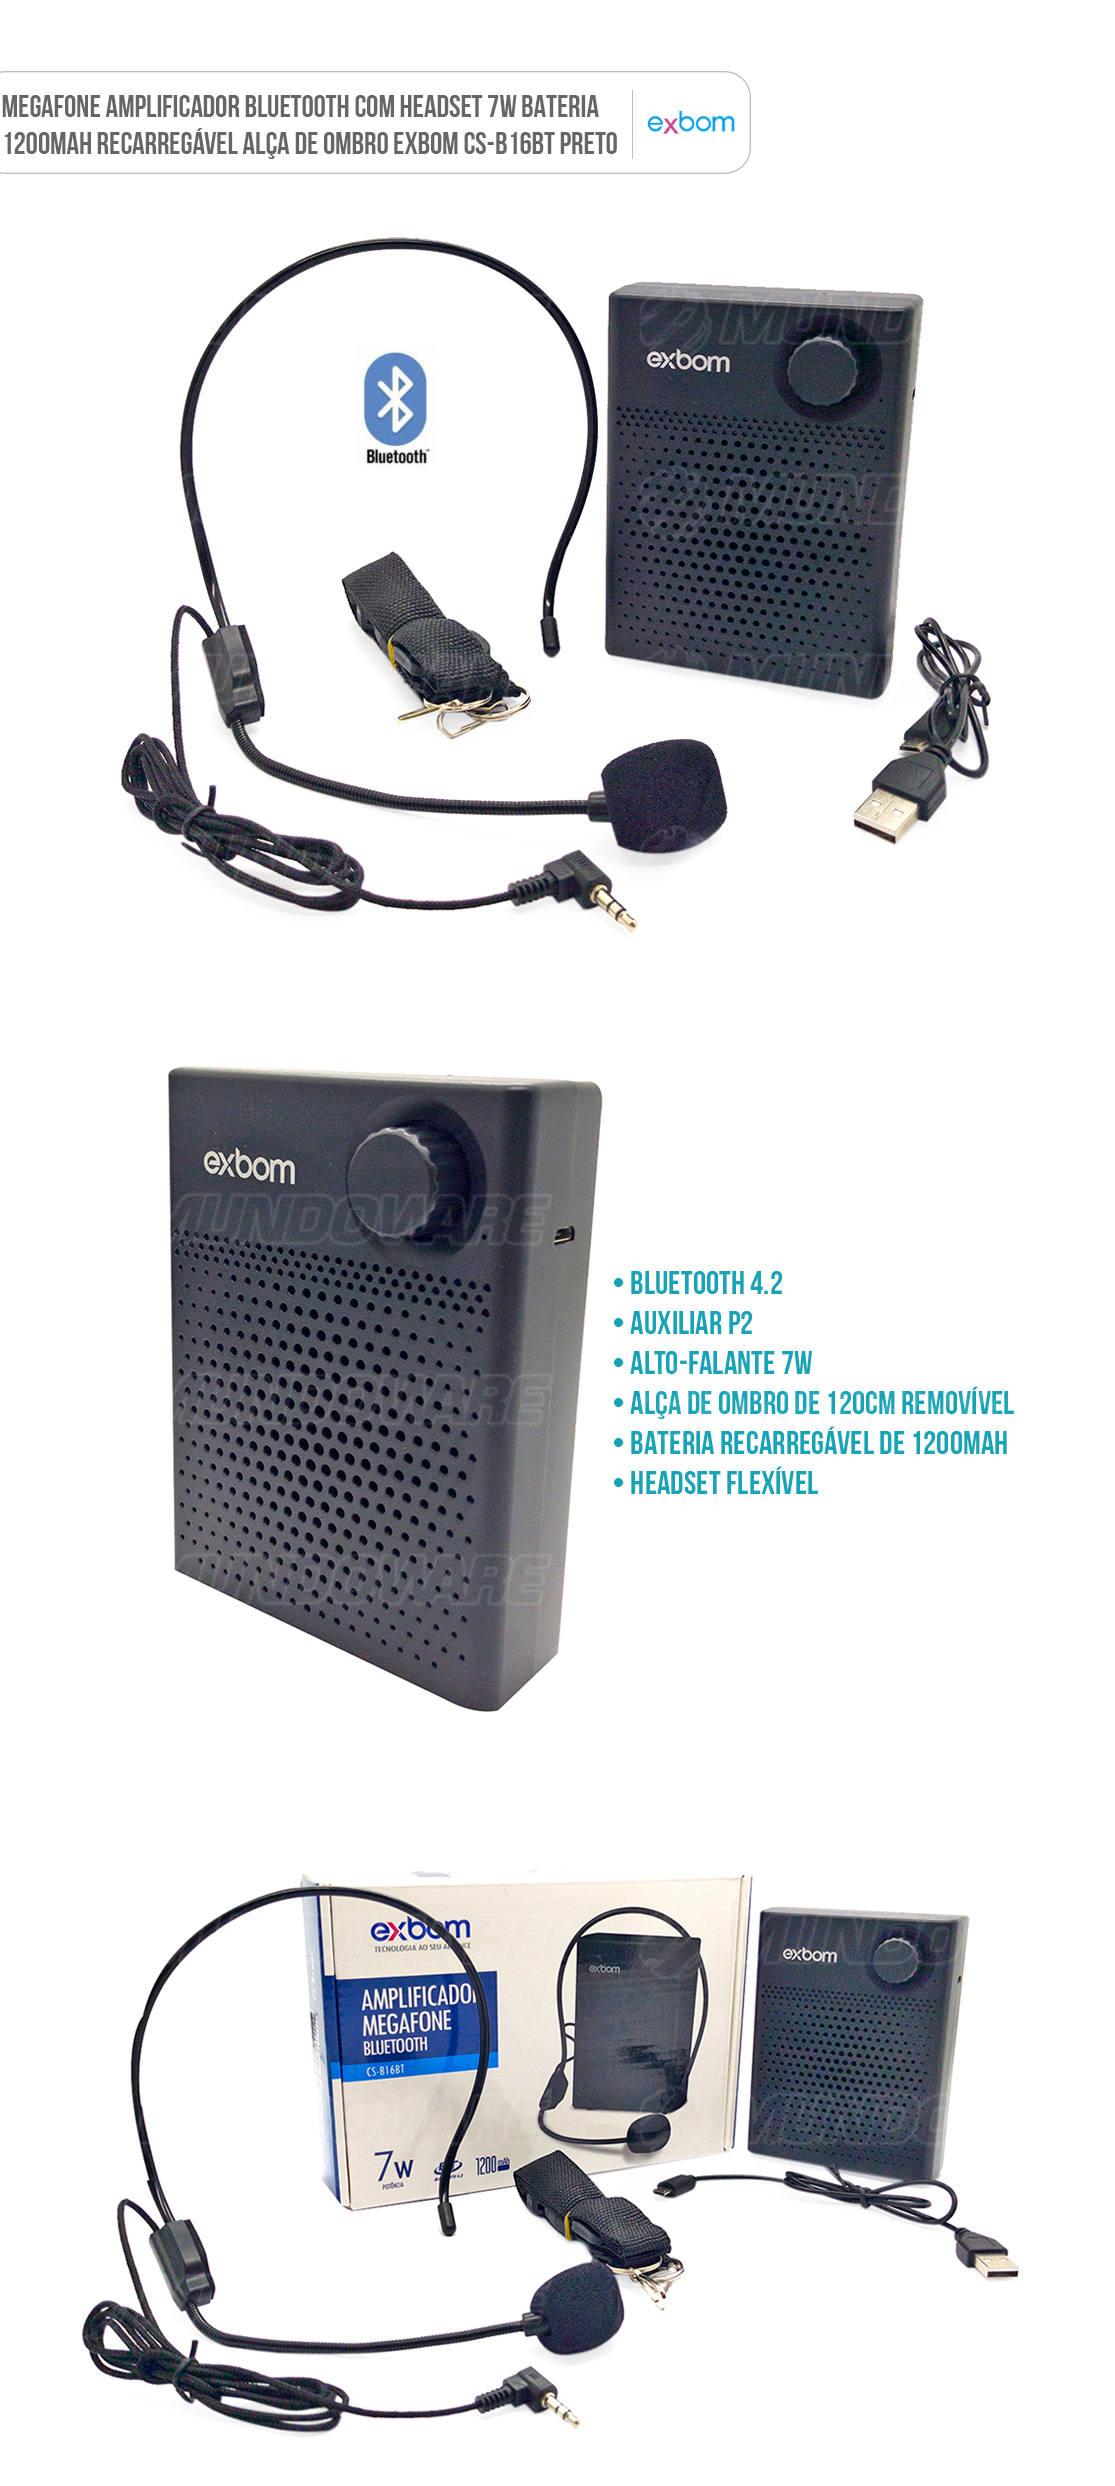 Amplificador Megafone bluetooth com Headset e Bateria interna para apresentações em público